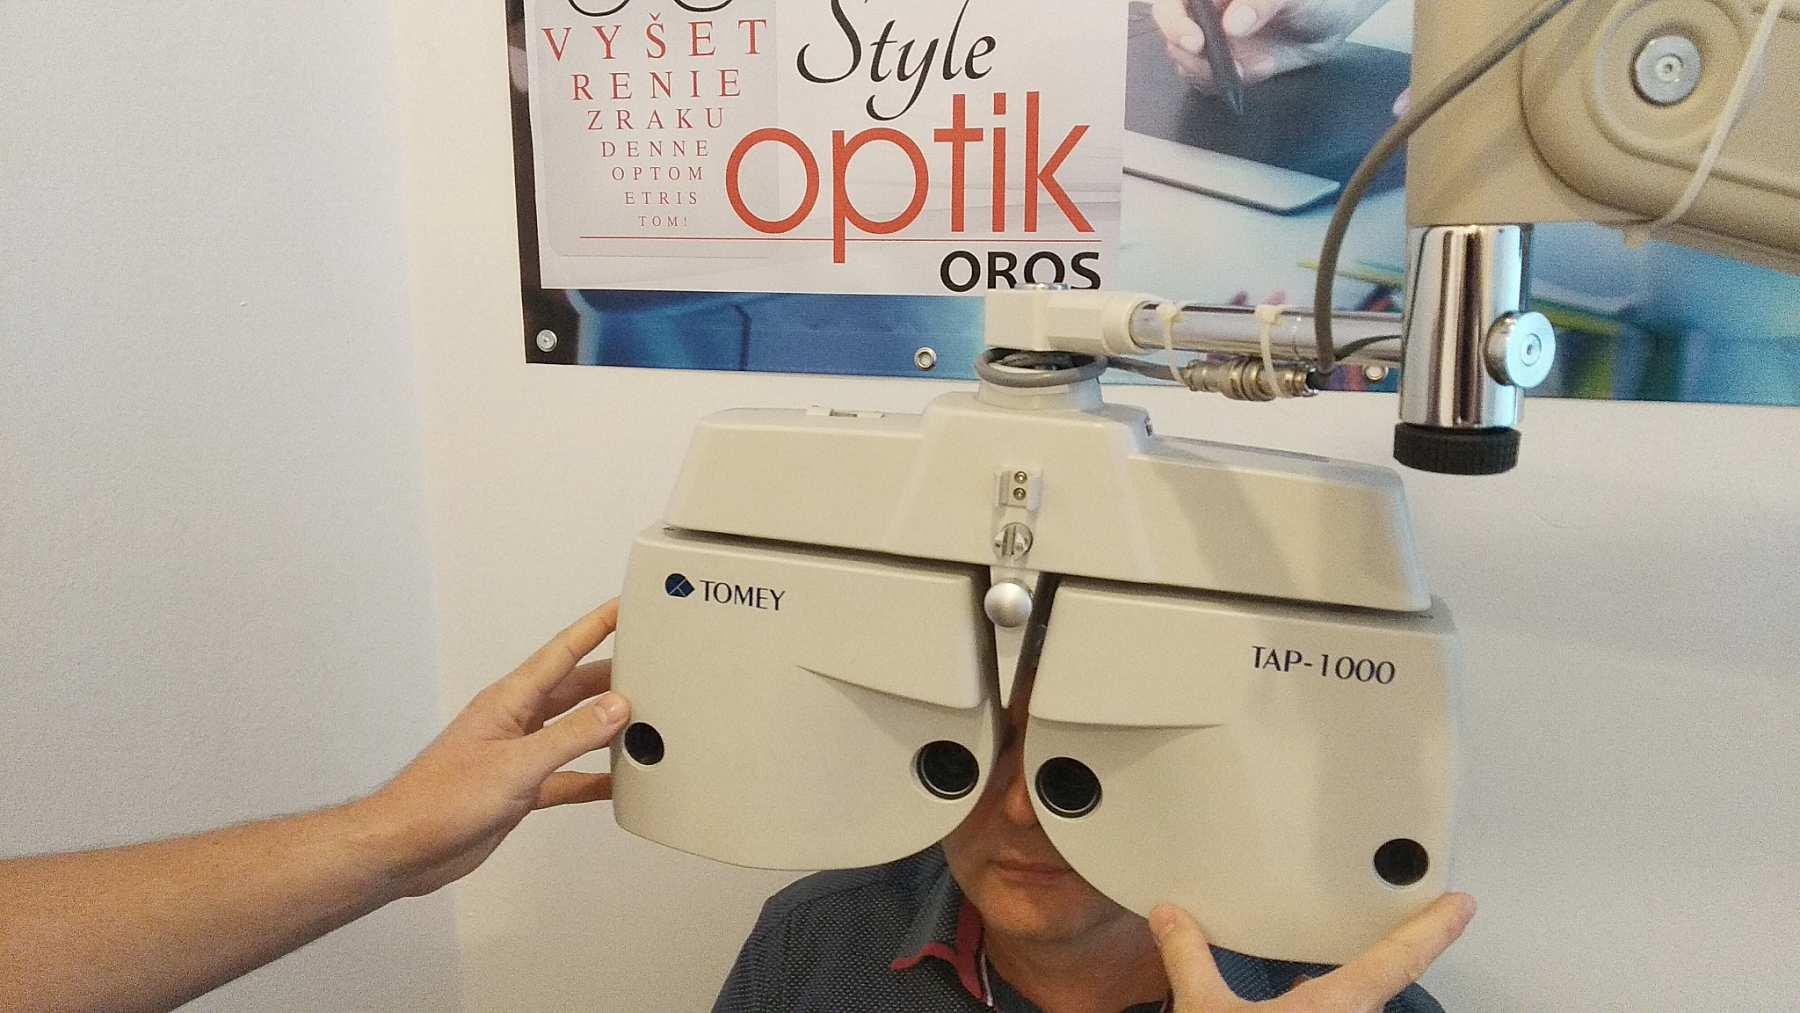 hogyan lehet megtudni a nézettség százalékát szemek myopia kezelésére